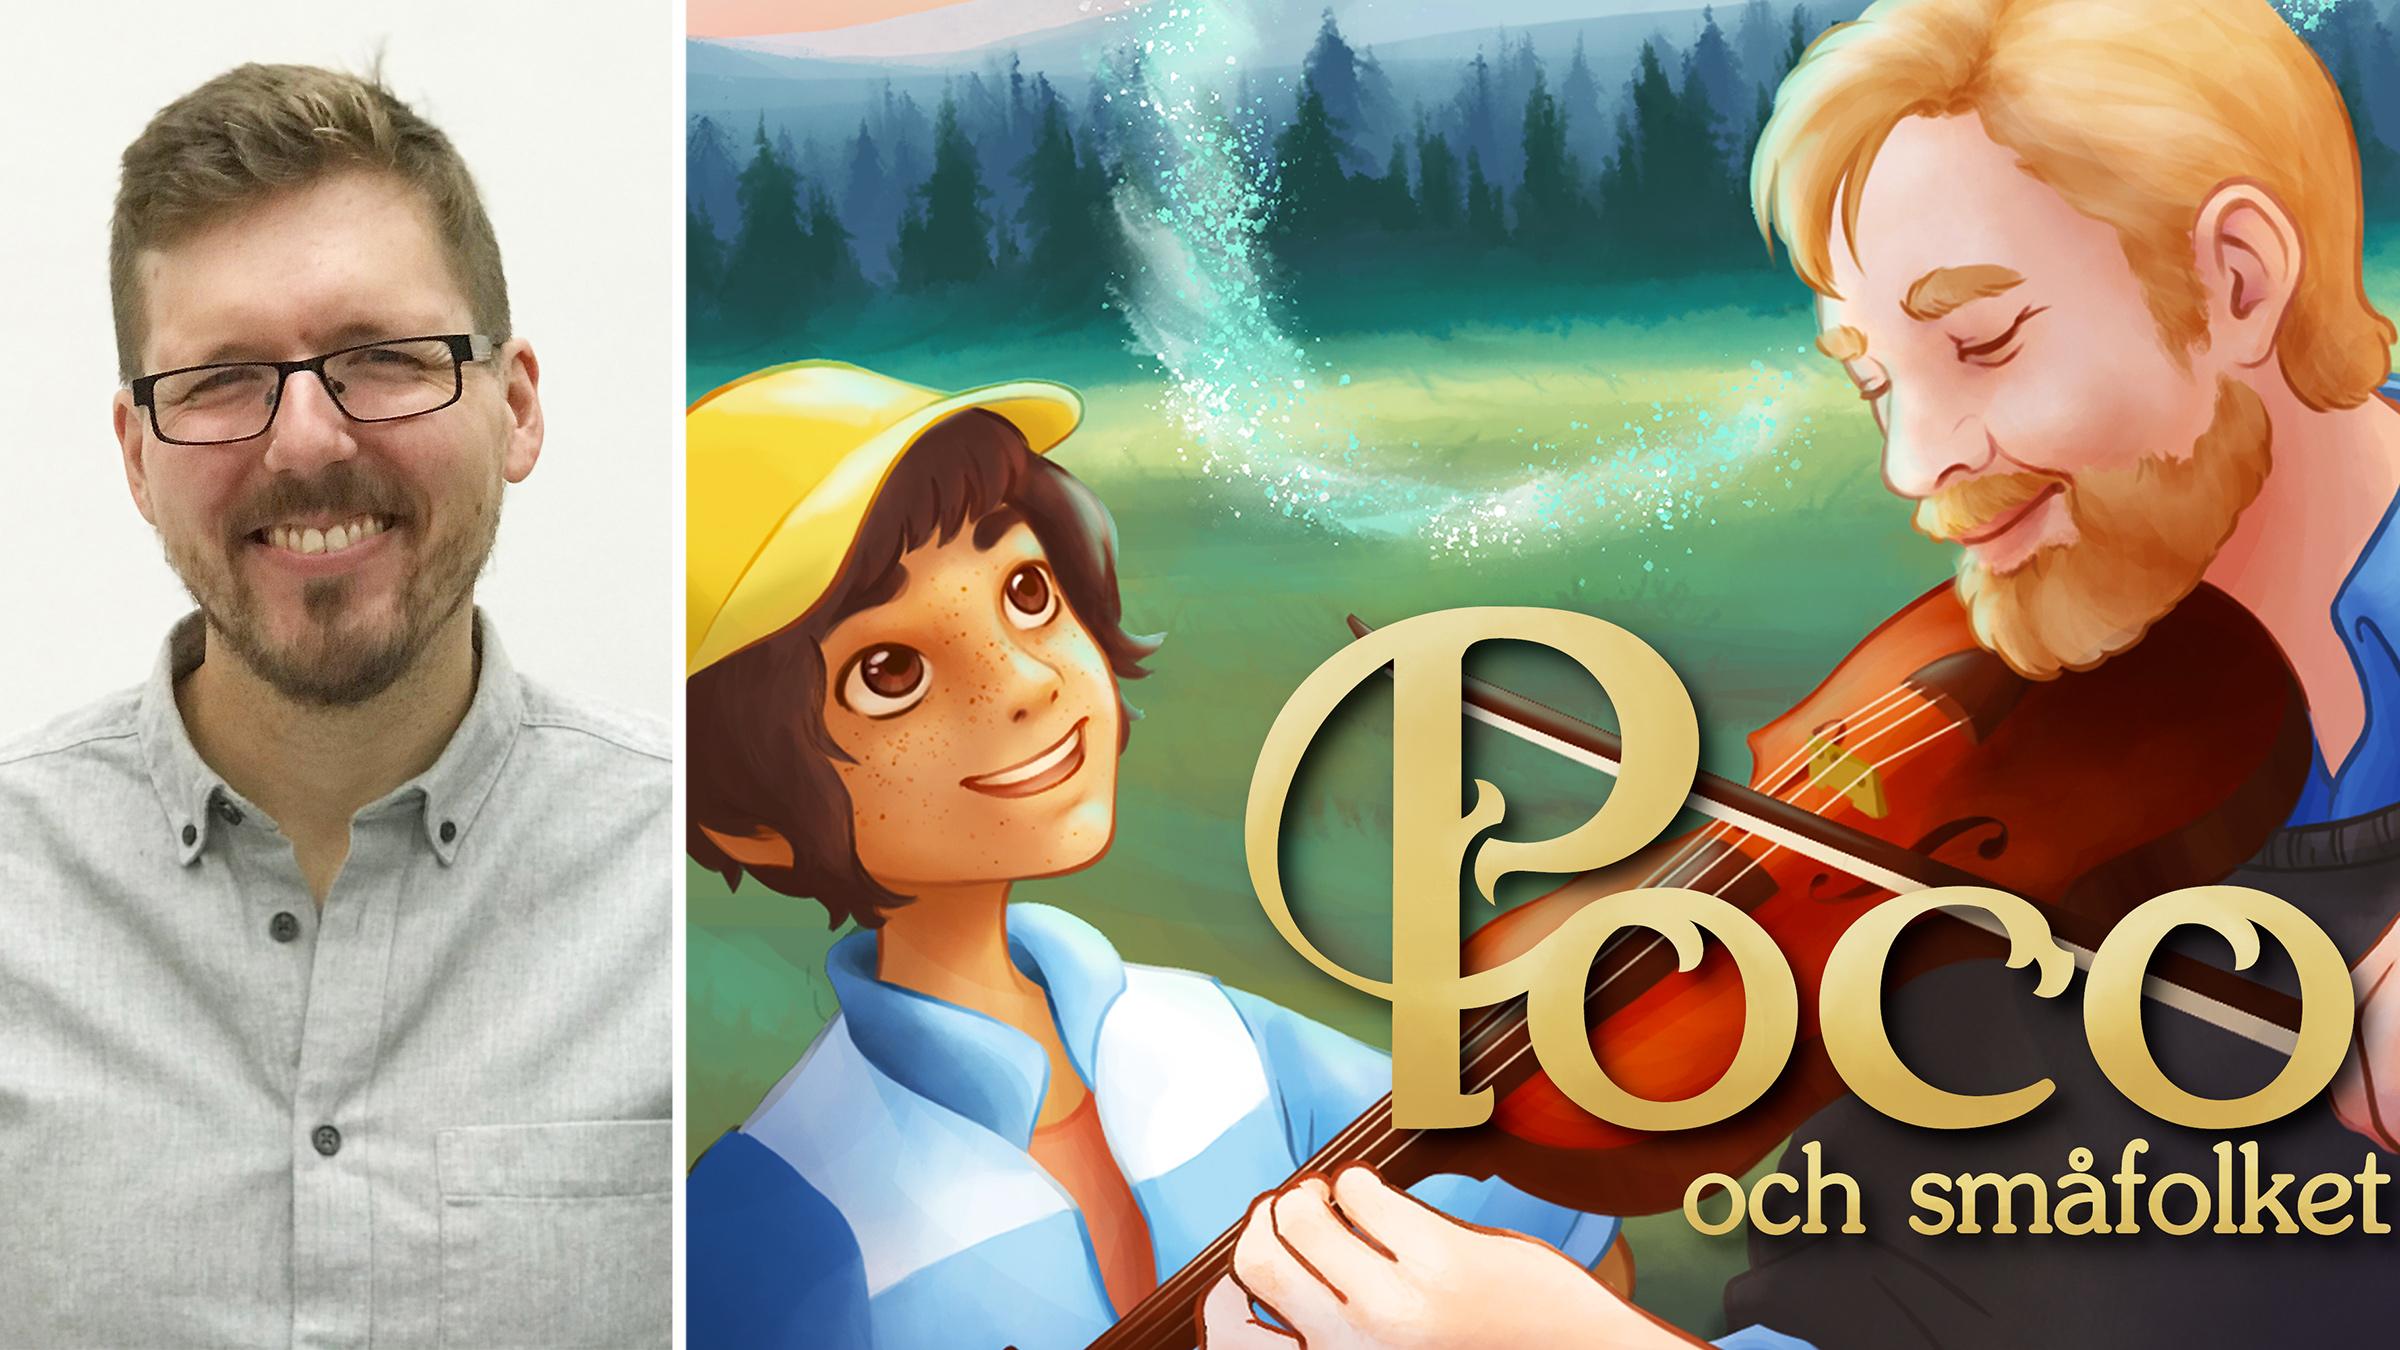 Per Fransson är grundare av Musikmedel.se som lanserar det digitala läromedlet Poco och småfolket.